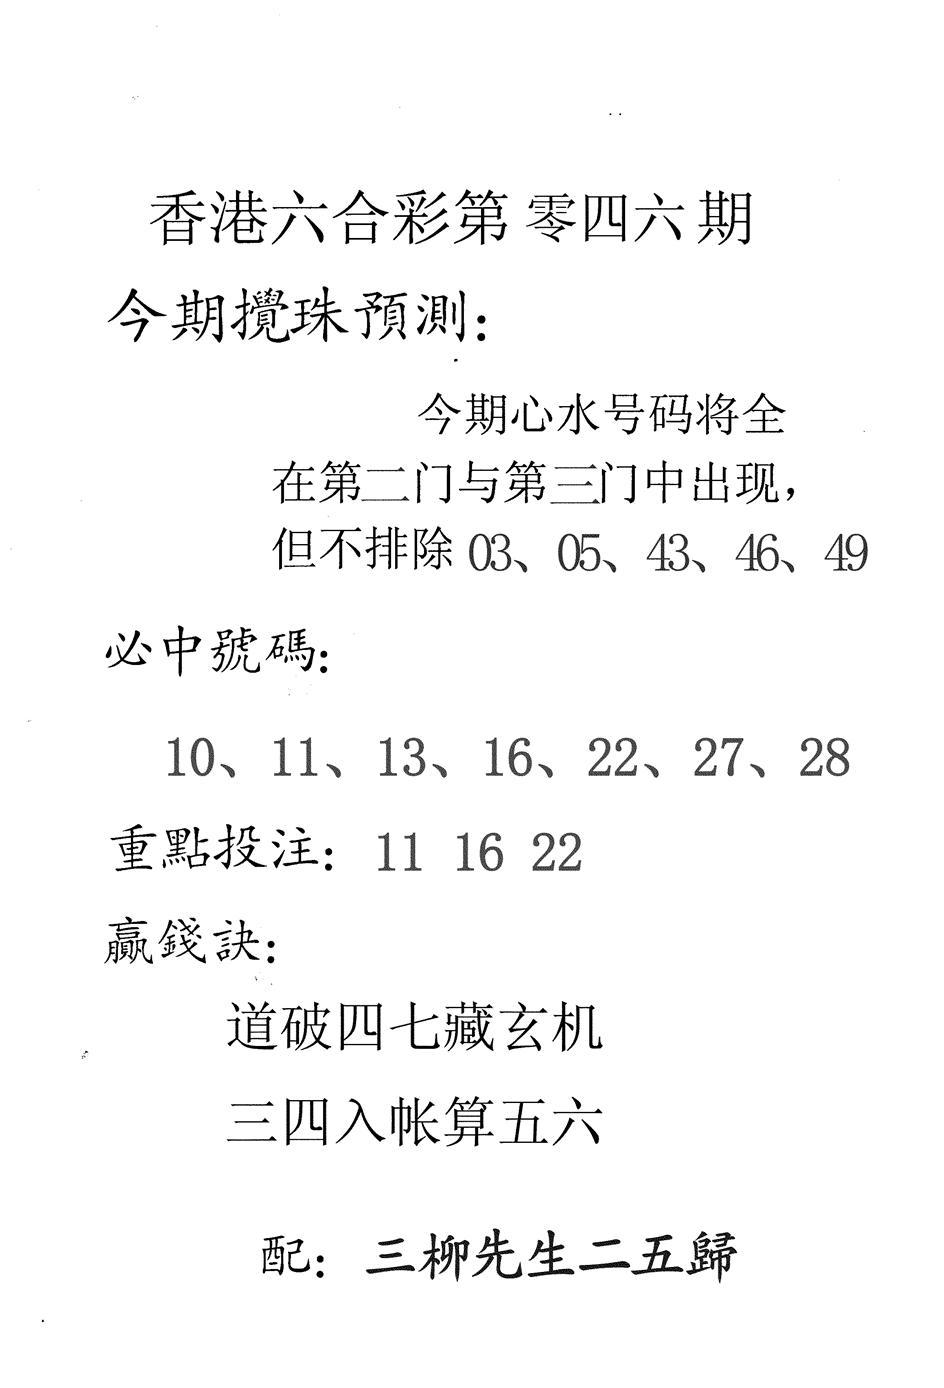 046期香港预测